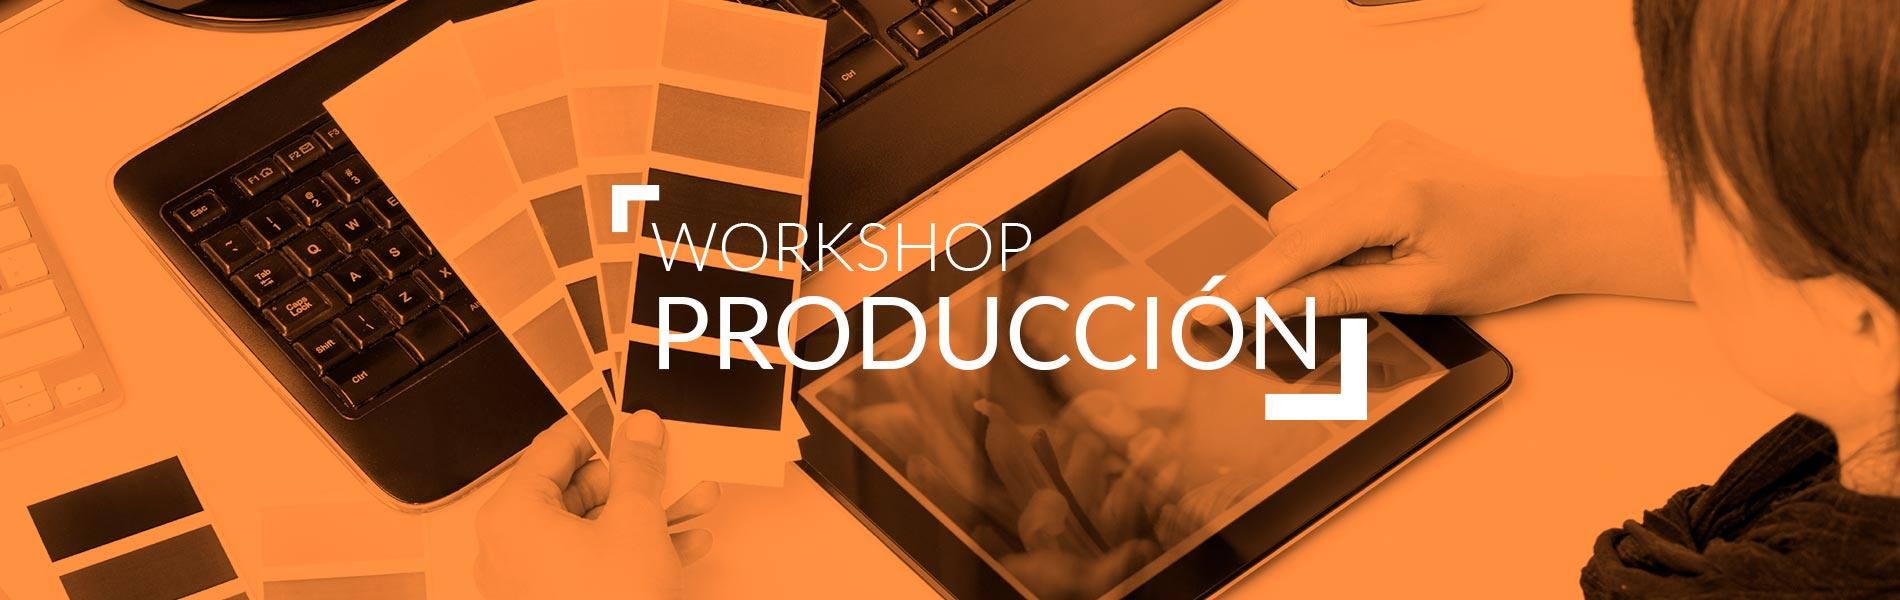 Workshop Produccion